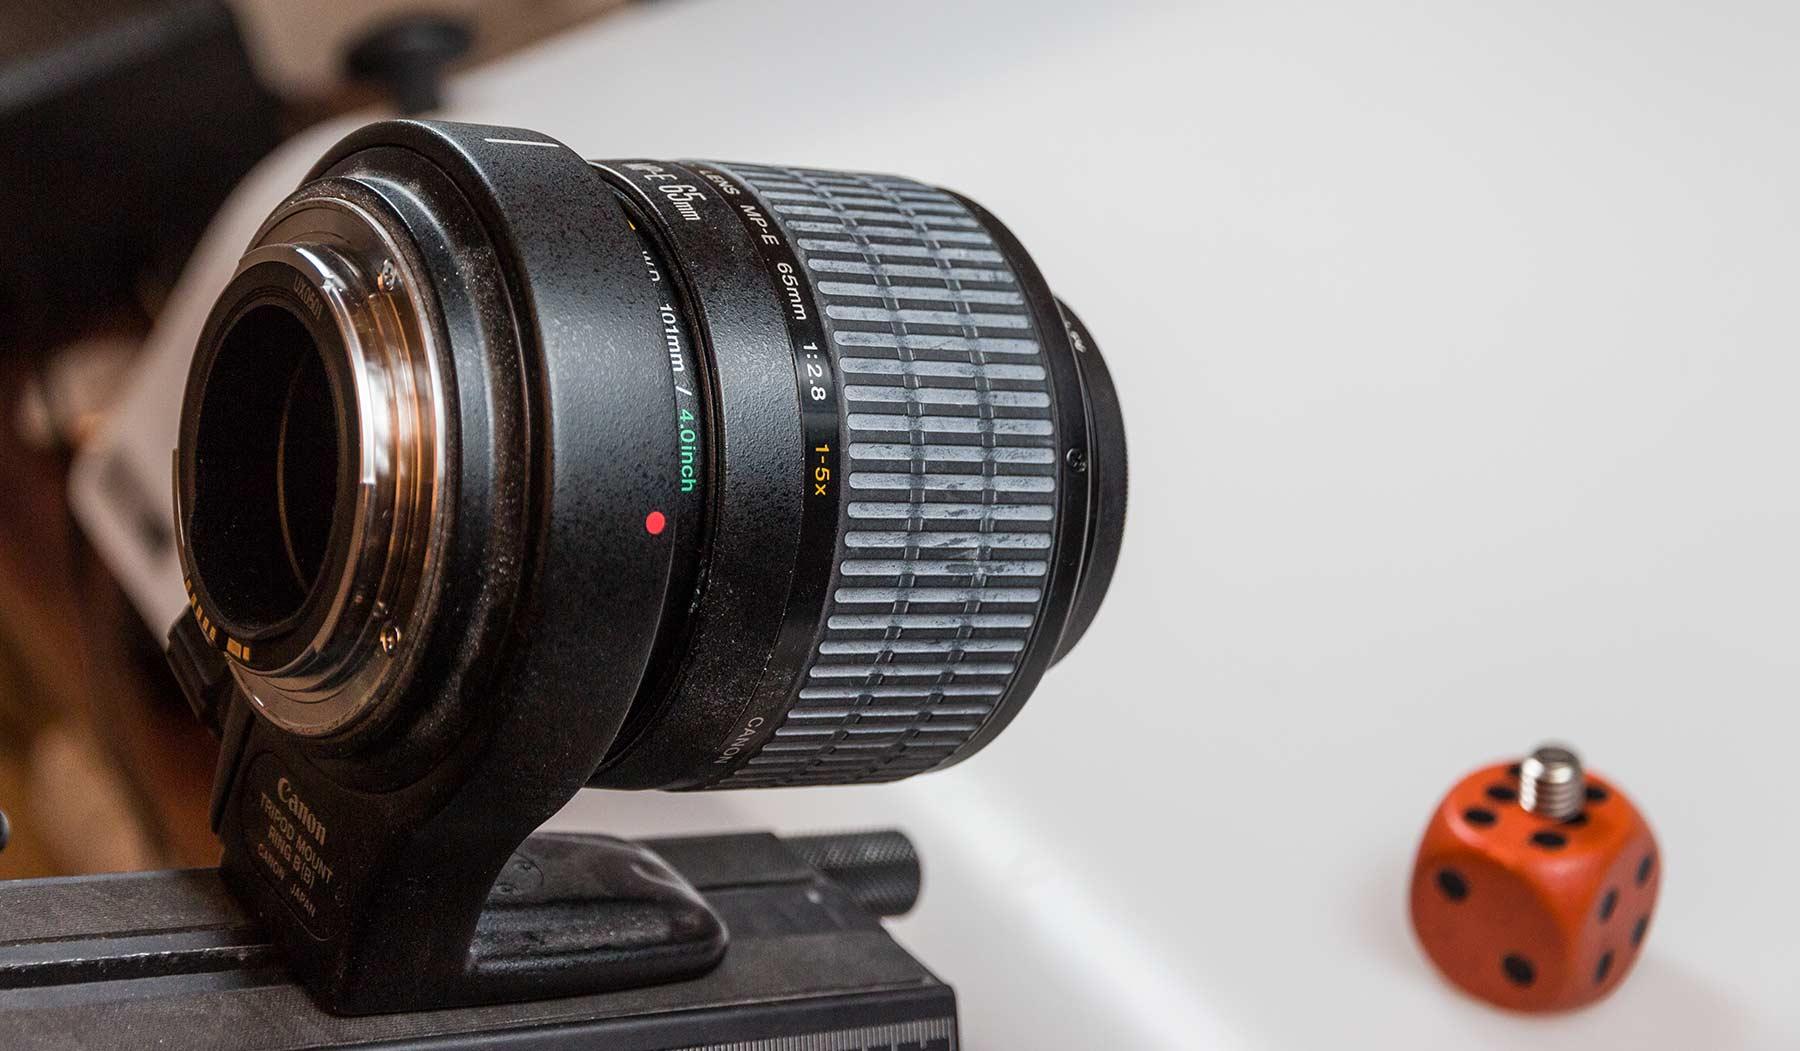 lens-set-for-RP